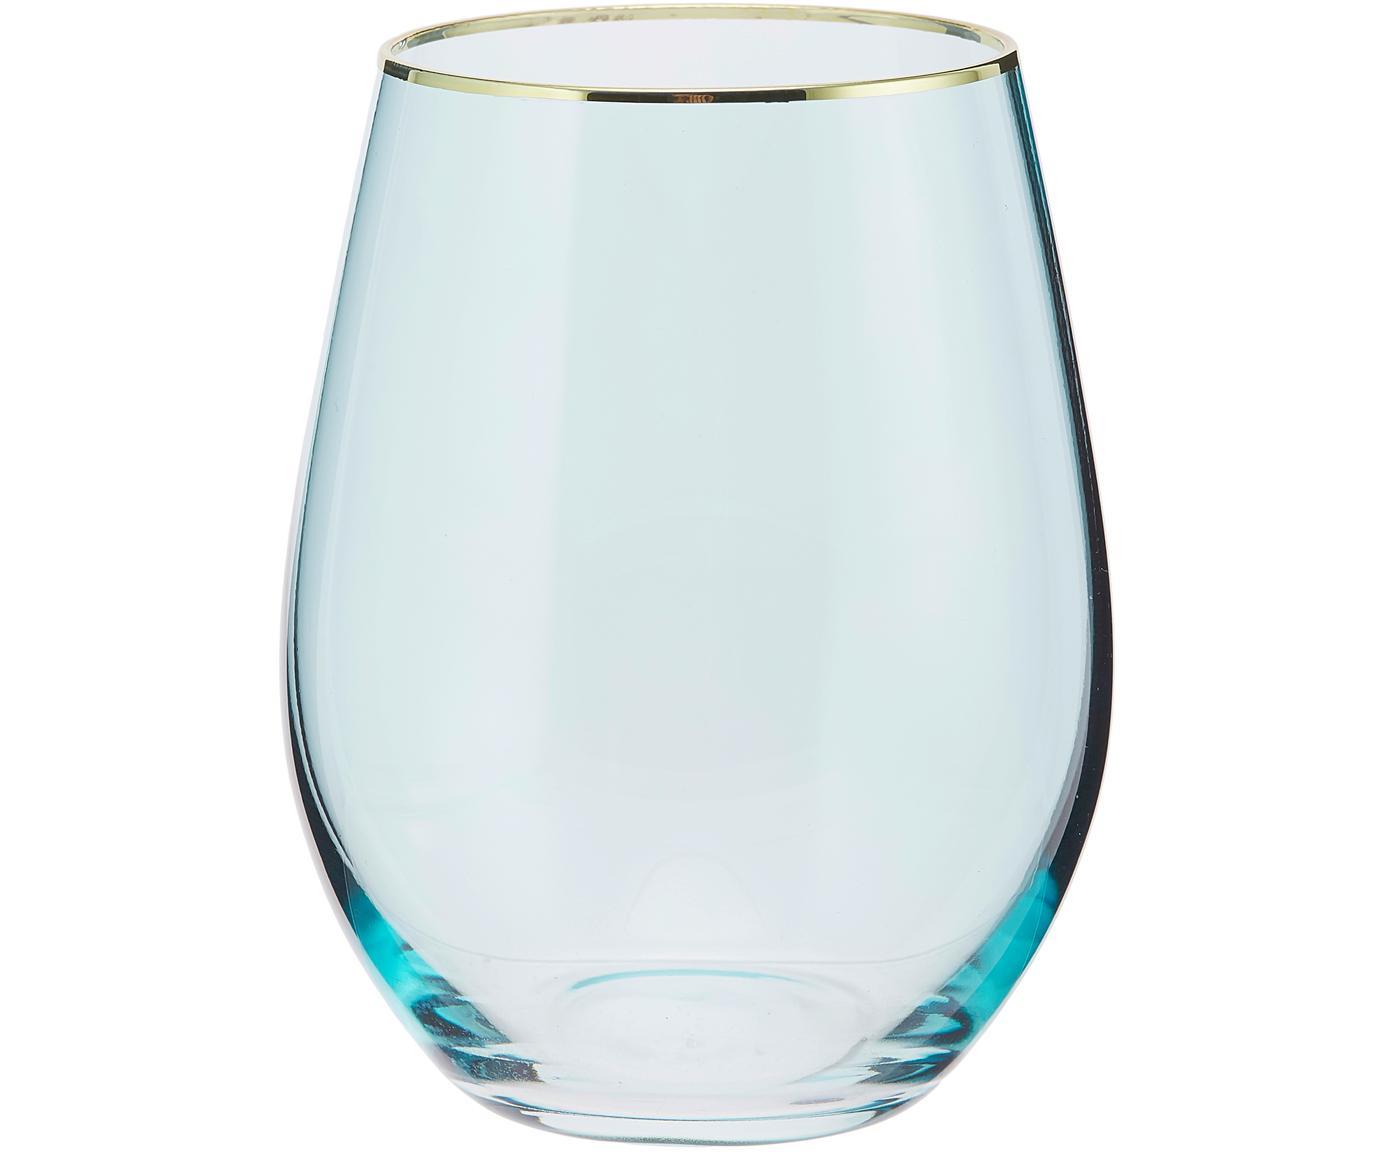 Wassergläser Chloe in Blau mit Goldrand, 4er-Set, Glas, Hellblau, Goldfarben, Ø 9 x H 12 cm